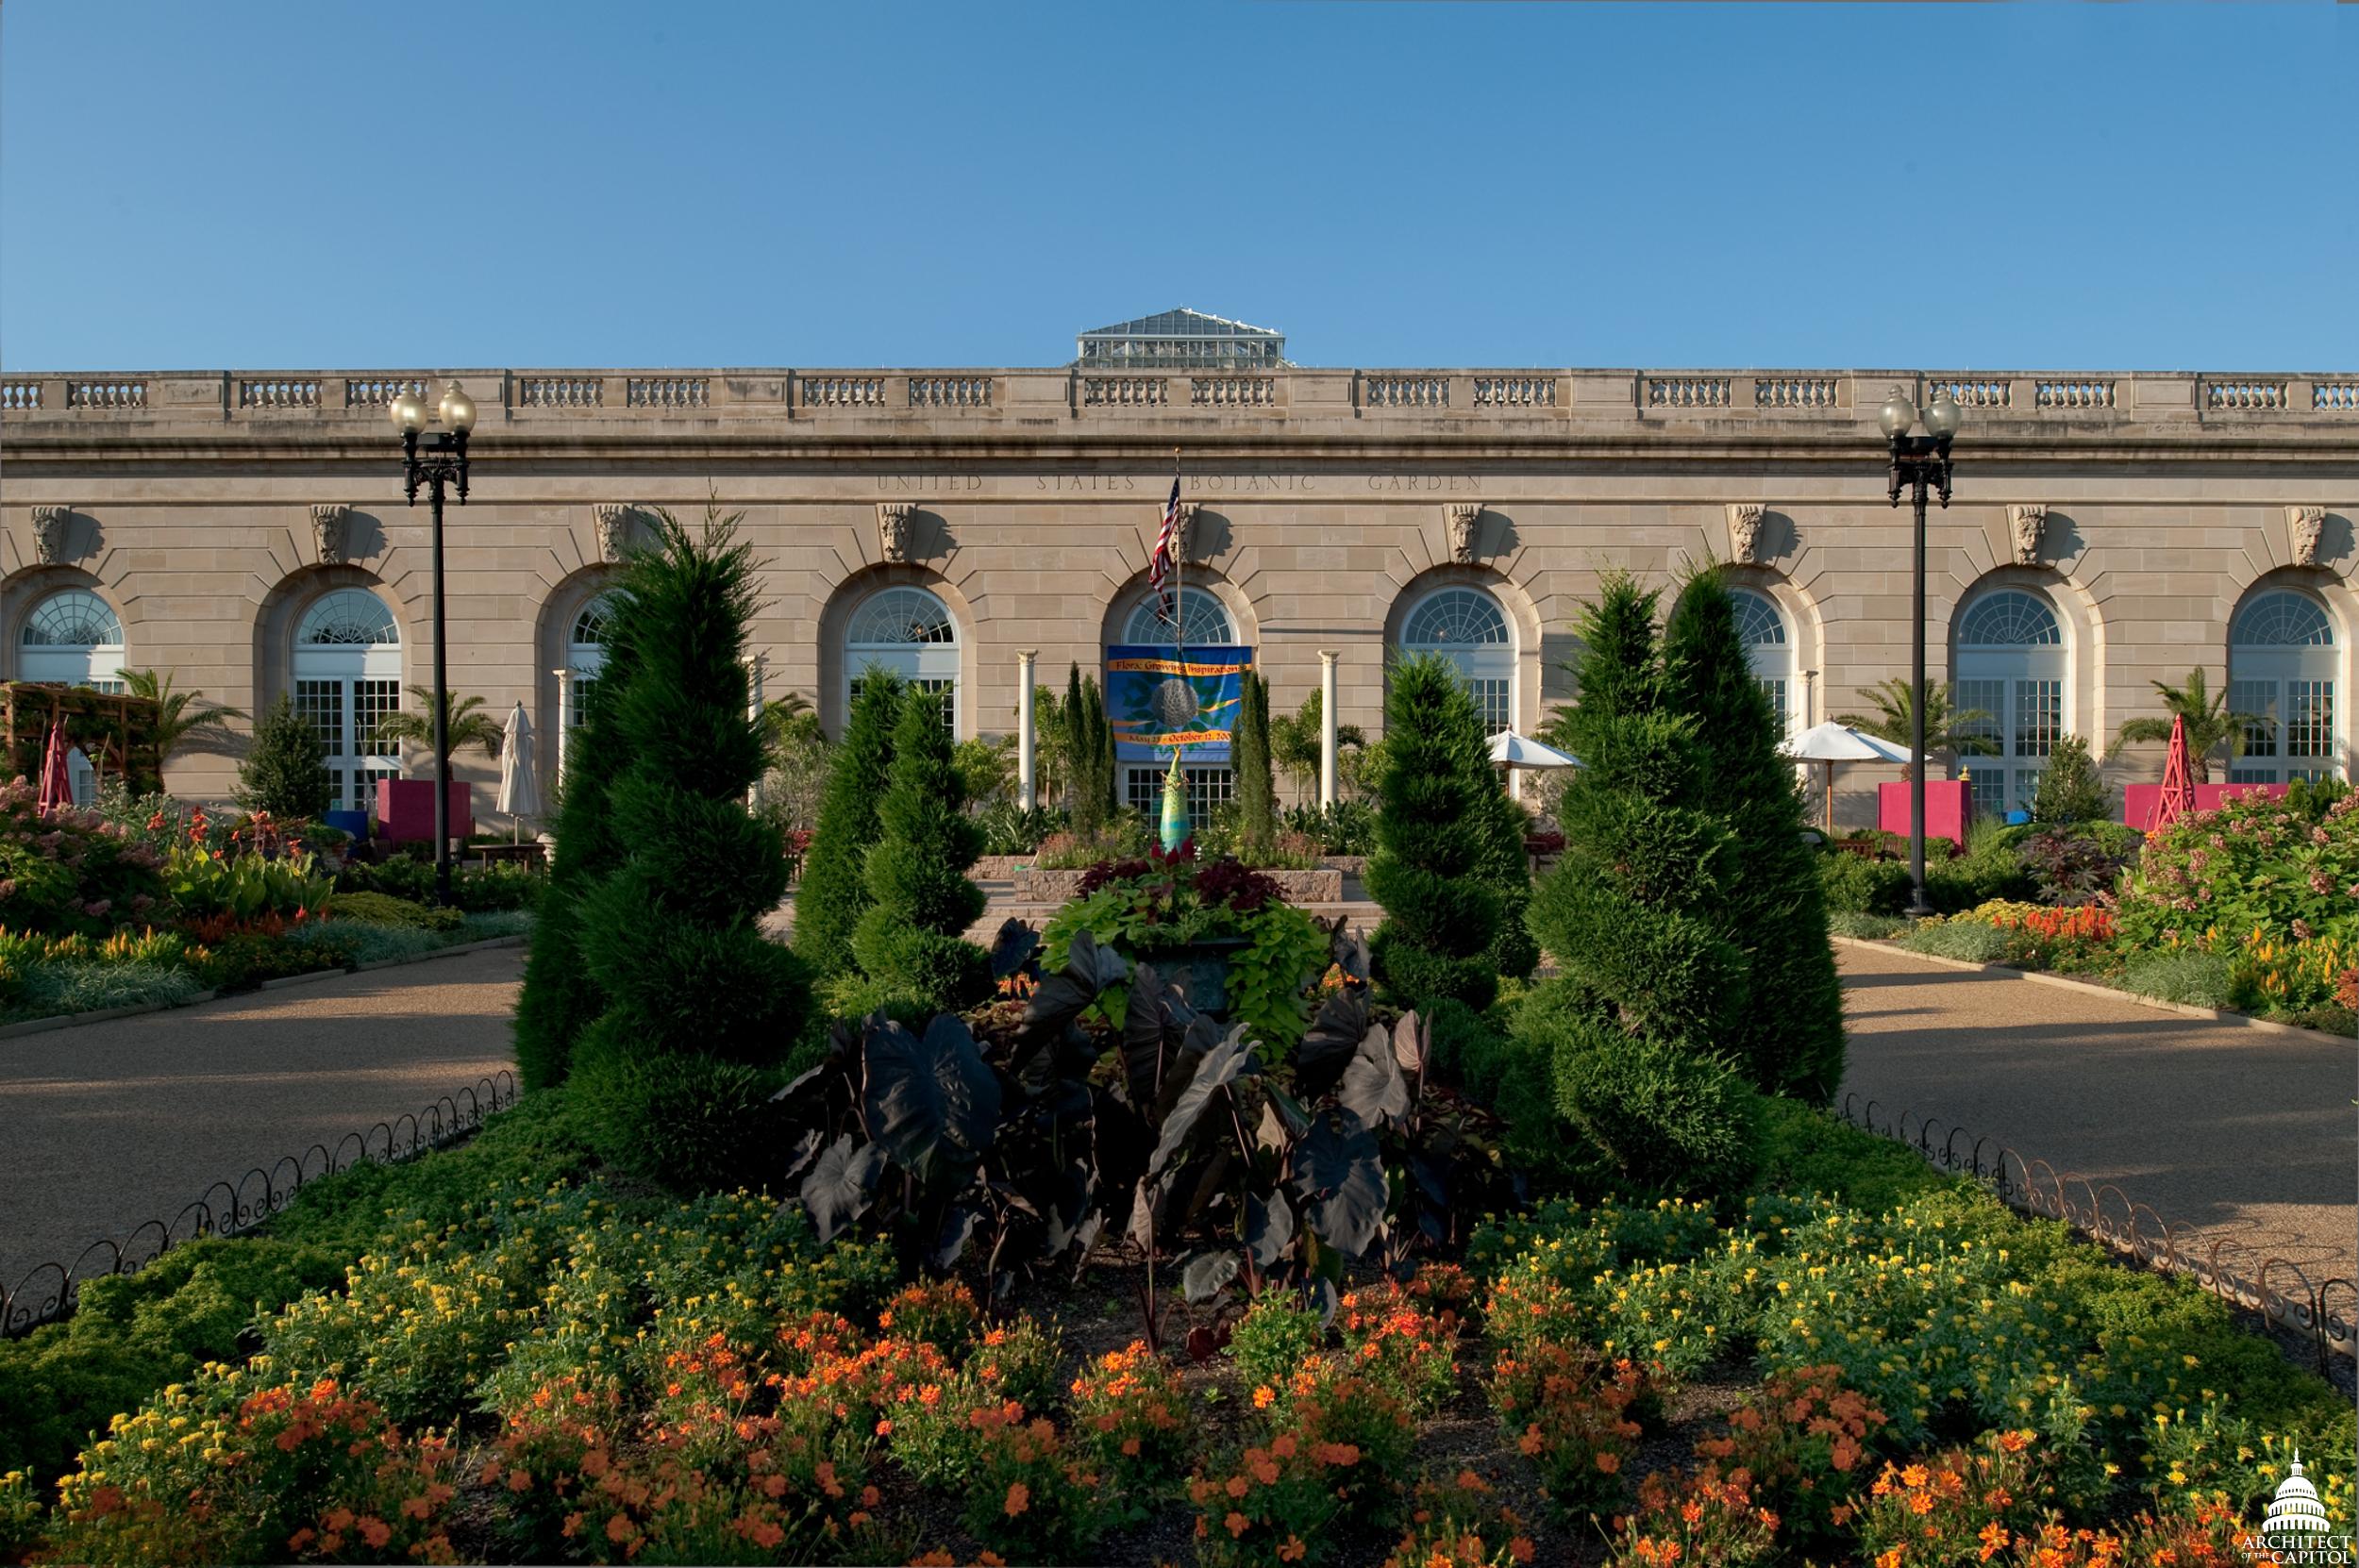 US Botanic Garden Conservatory Architect Of The Capitol - Us botanic garden map